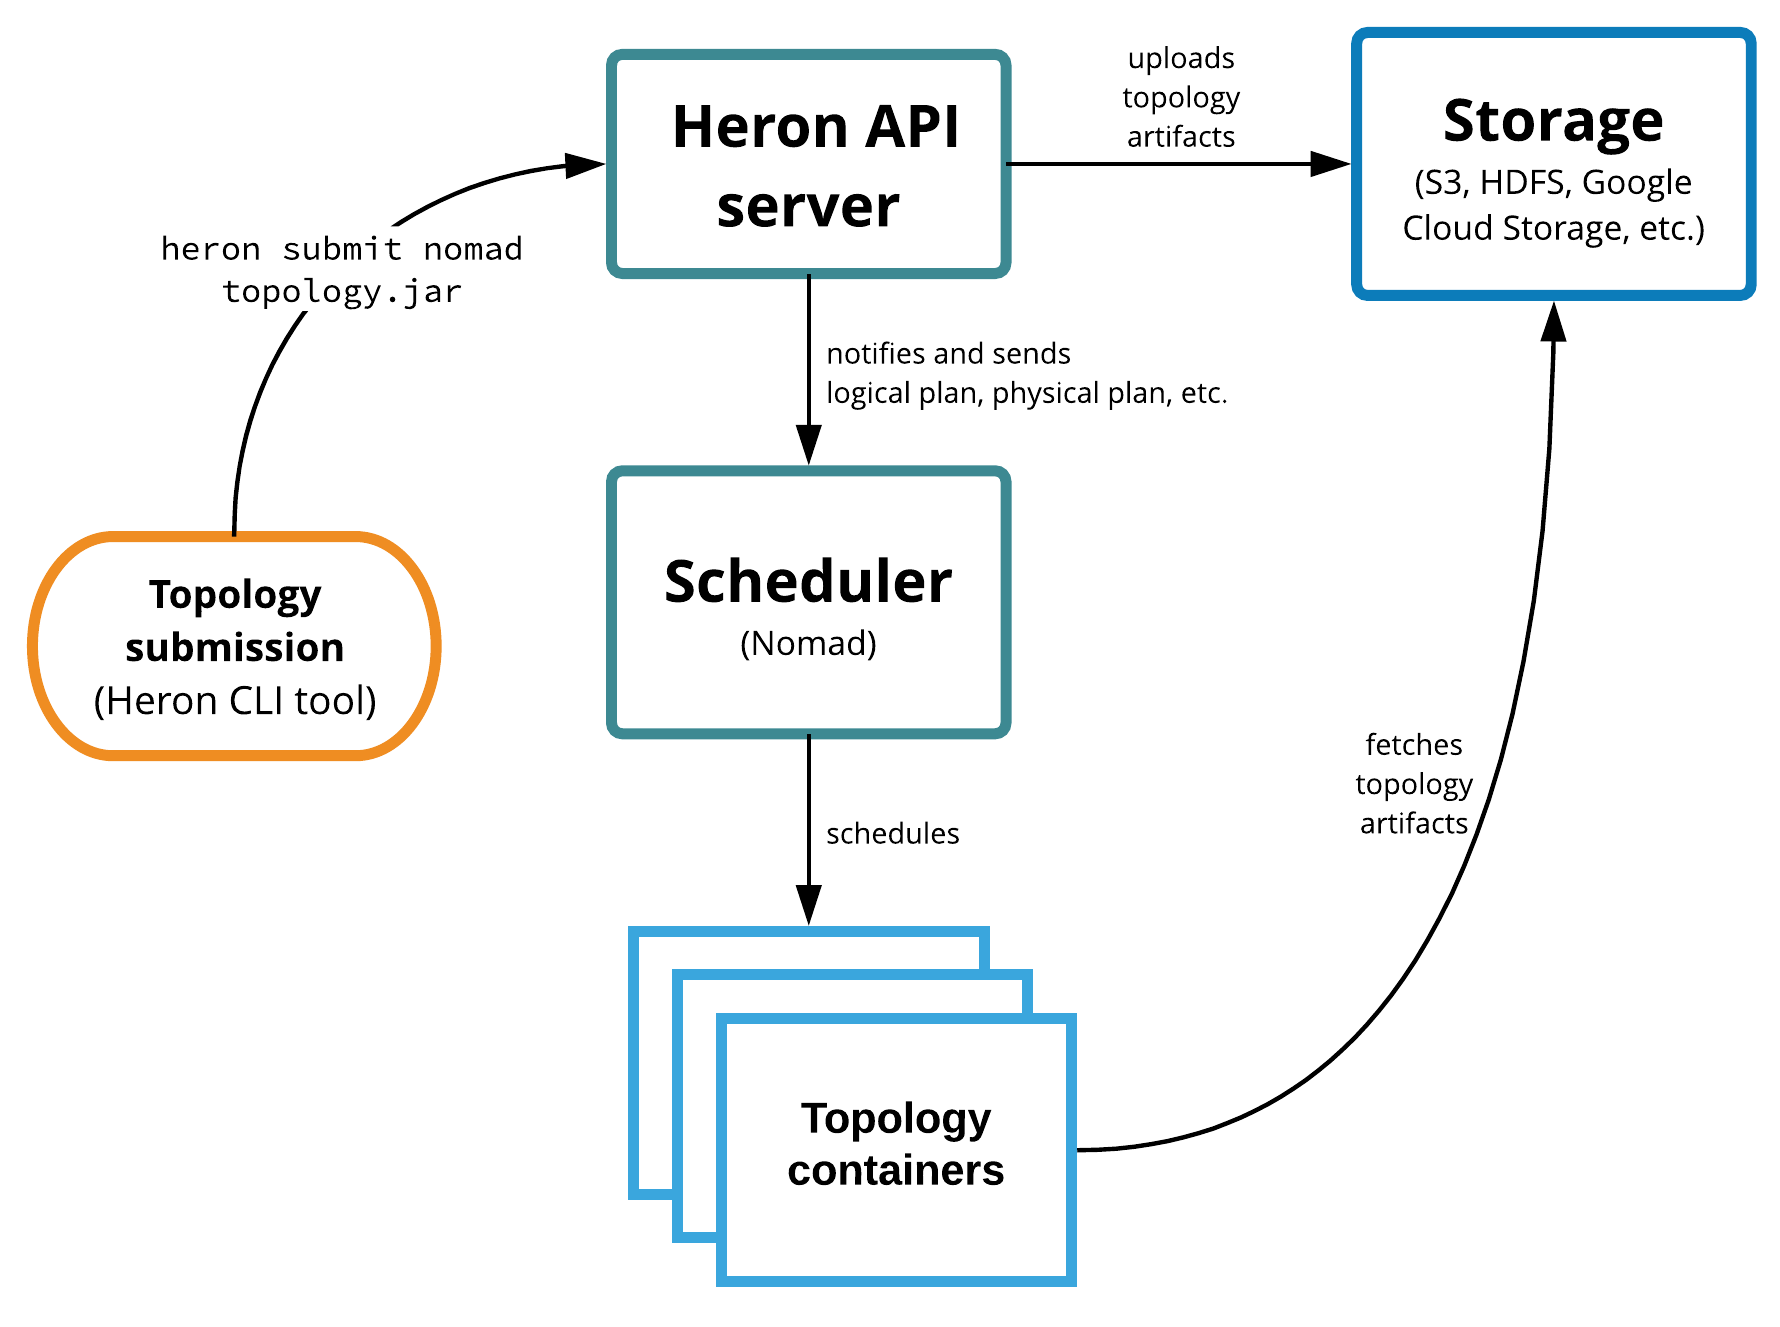 Figure 1. Heron Scheduler architecture